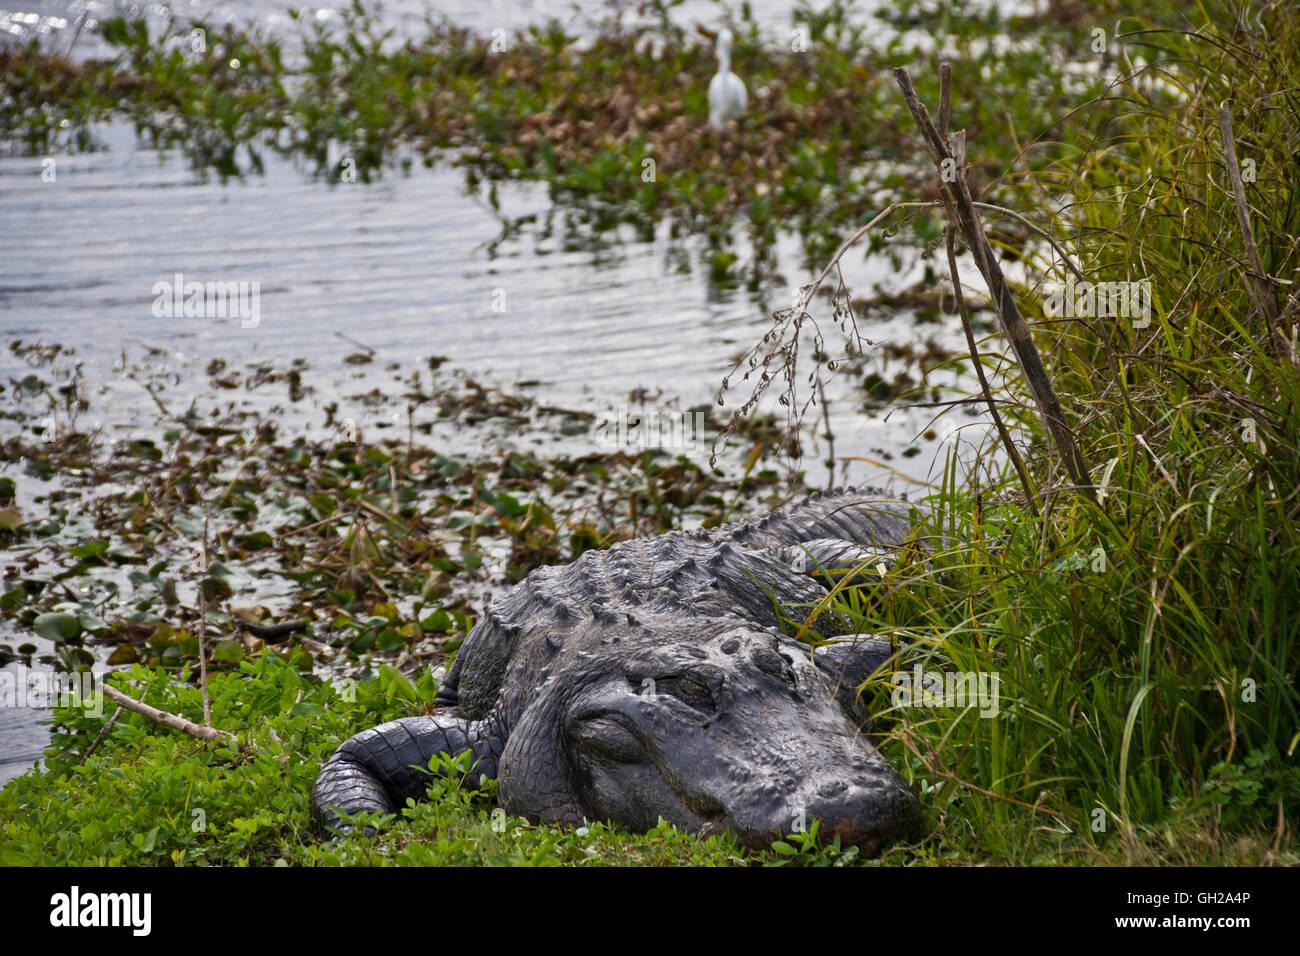 Cocodrilo Americano sentado a lo largo de la orilla de un pantano en Gainesville, Florida Foto de stock